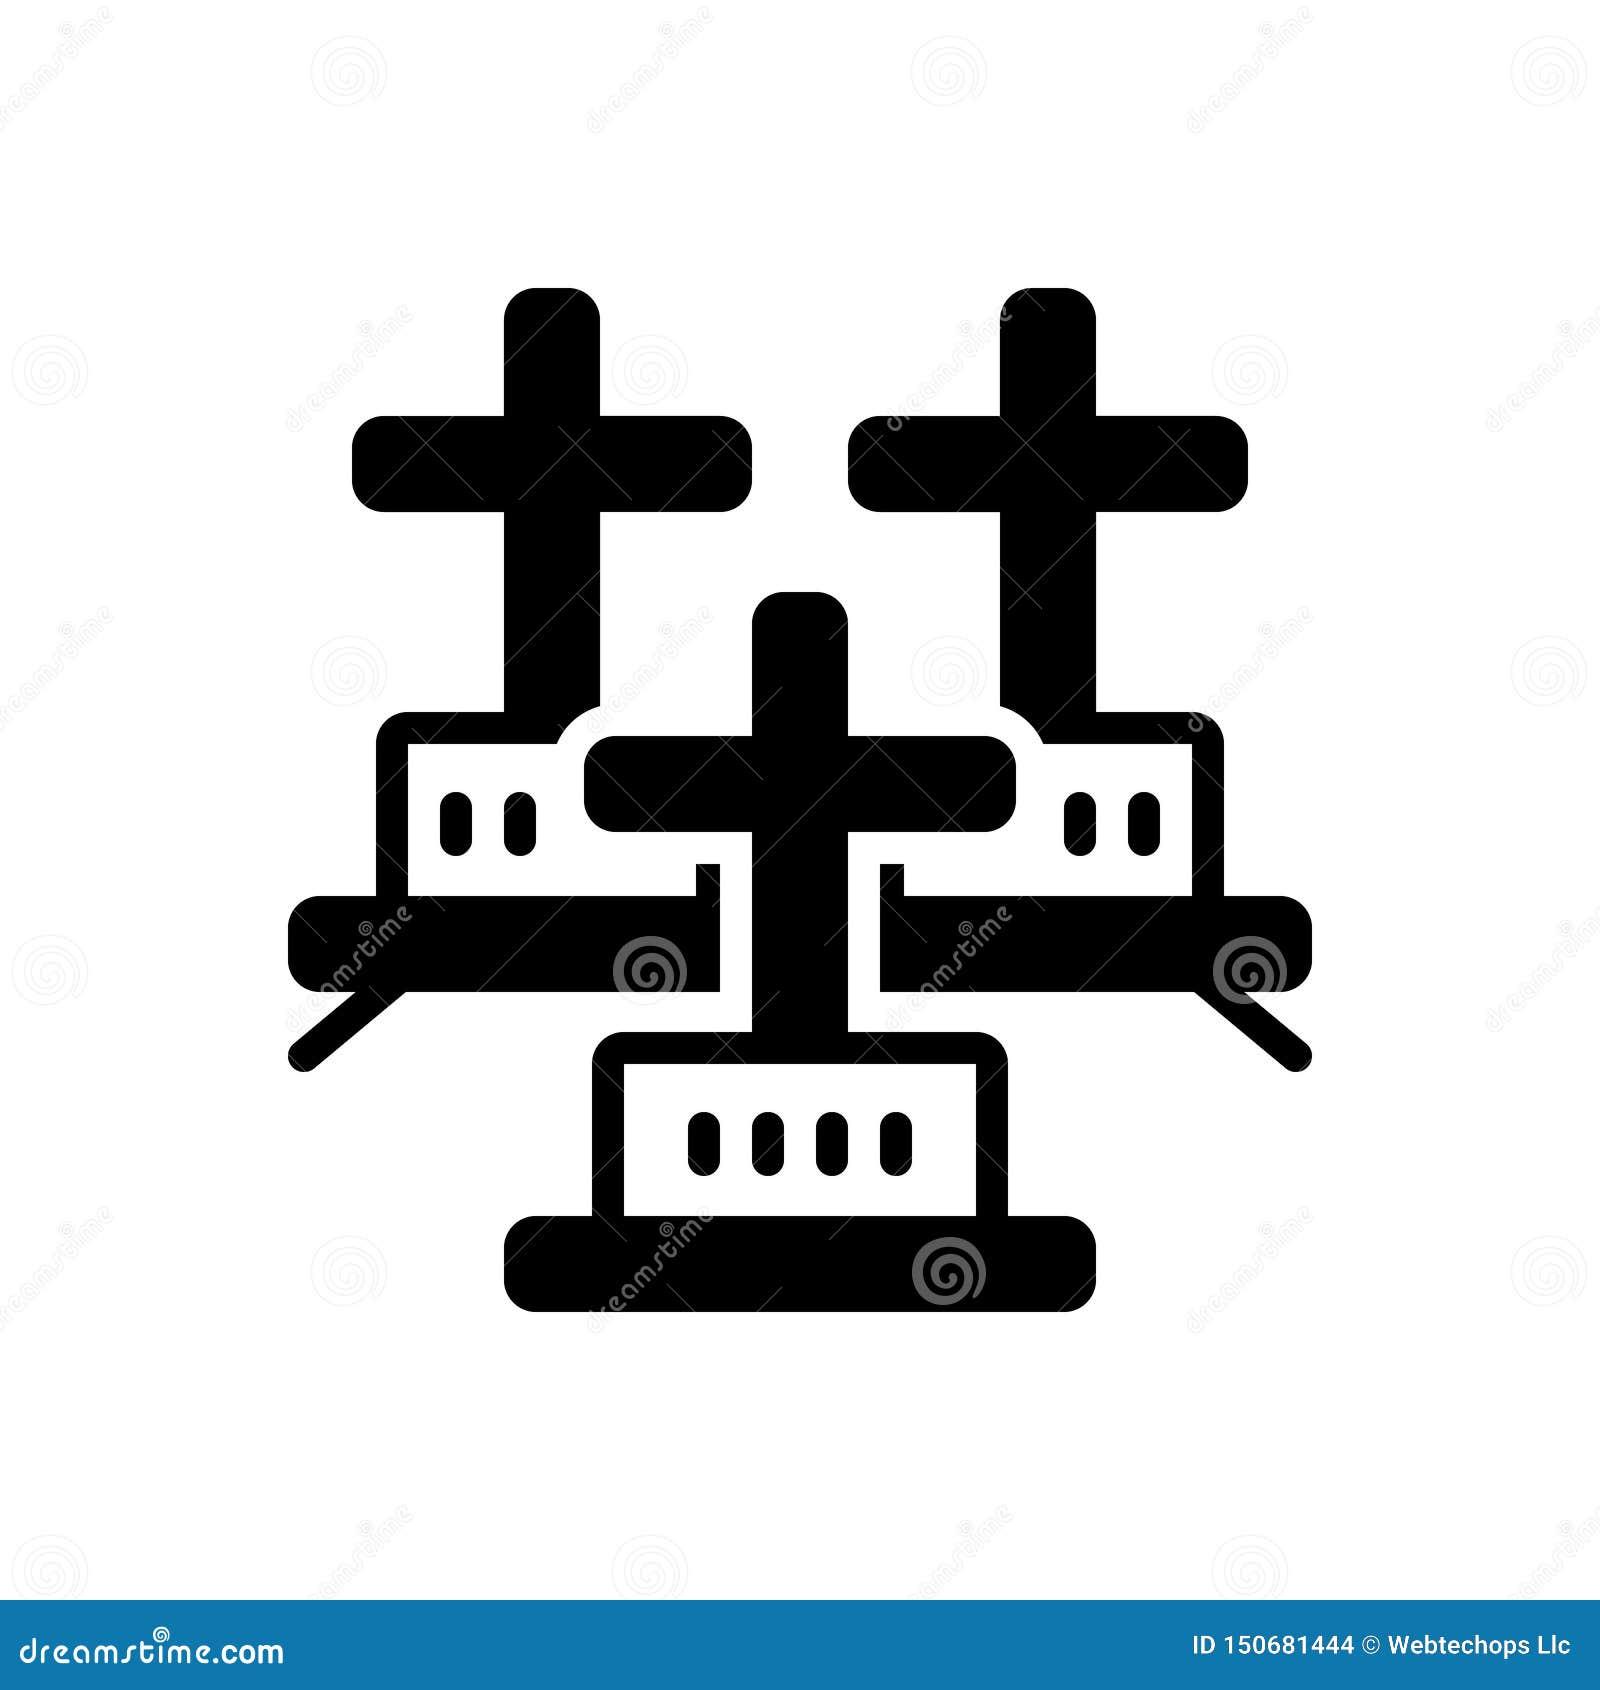 Svart fast symbol för kyrkogårdar, kyrkogård och sheol